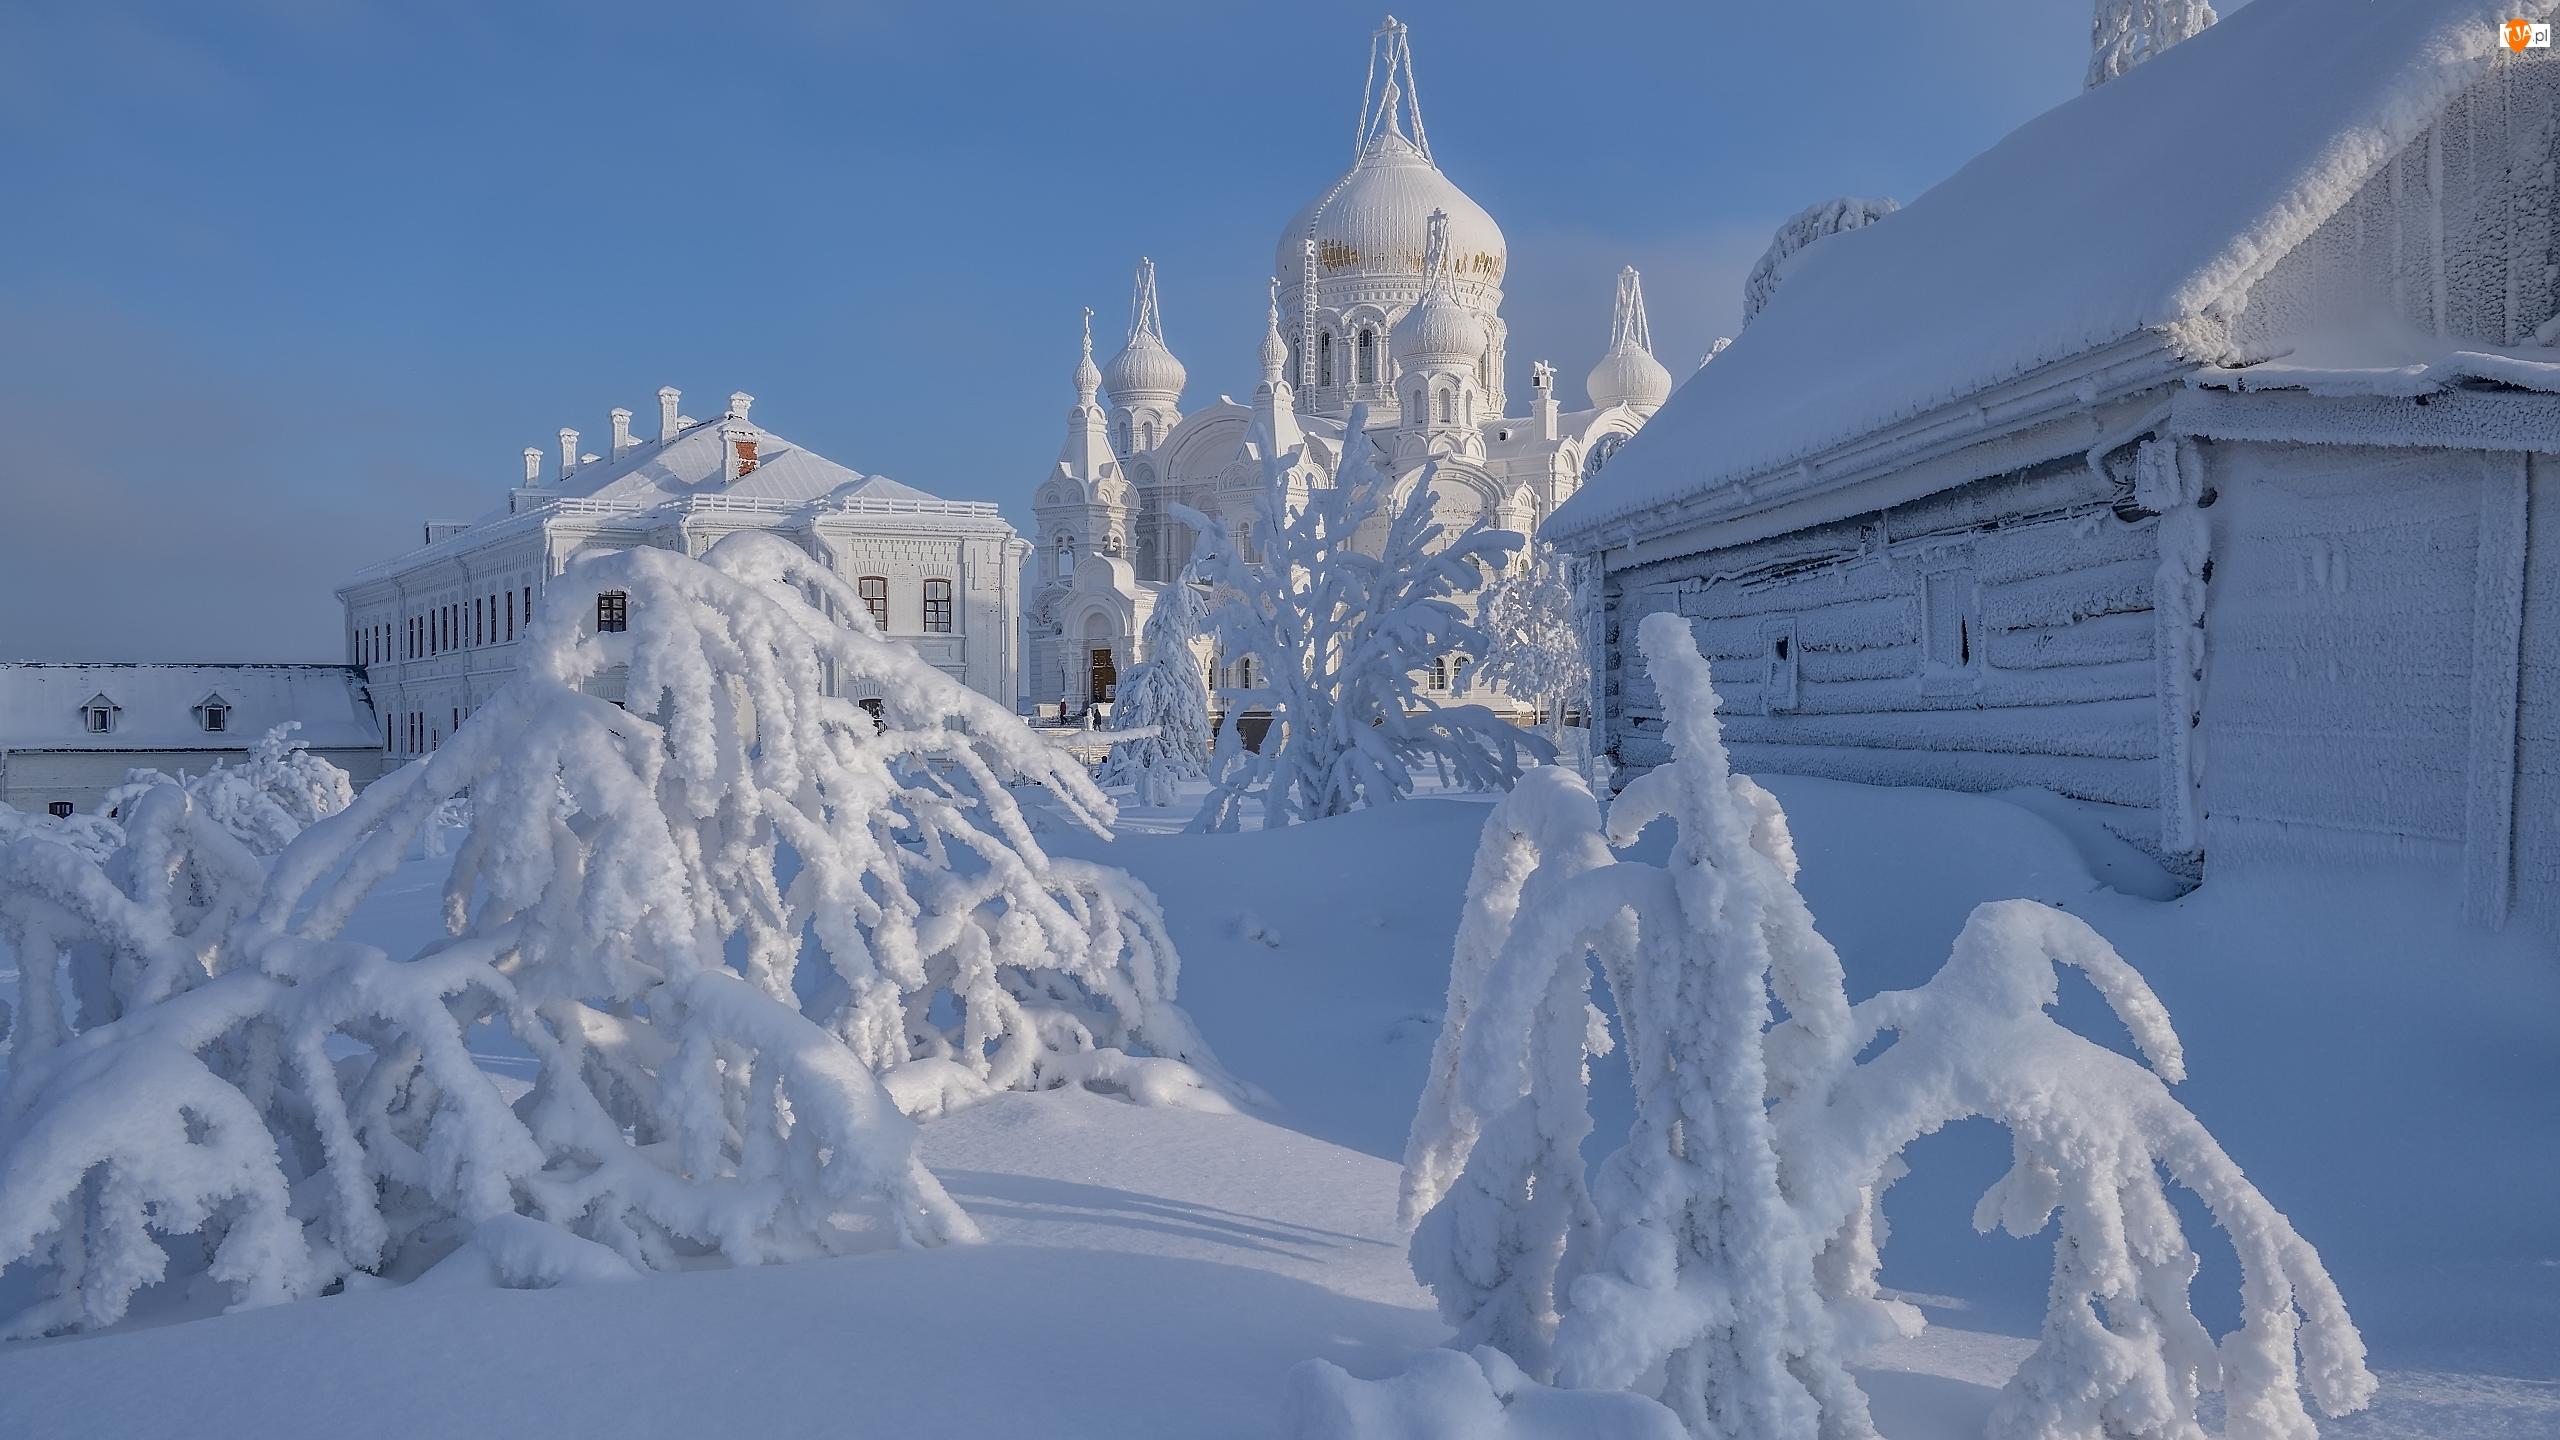 Rosja, Drzewa, Biała Góra, Dom, Białogórski Monaster św Mikołaja, Cerkiew, Śnieg, Zima, Ośnieżony, Obwód permski